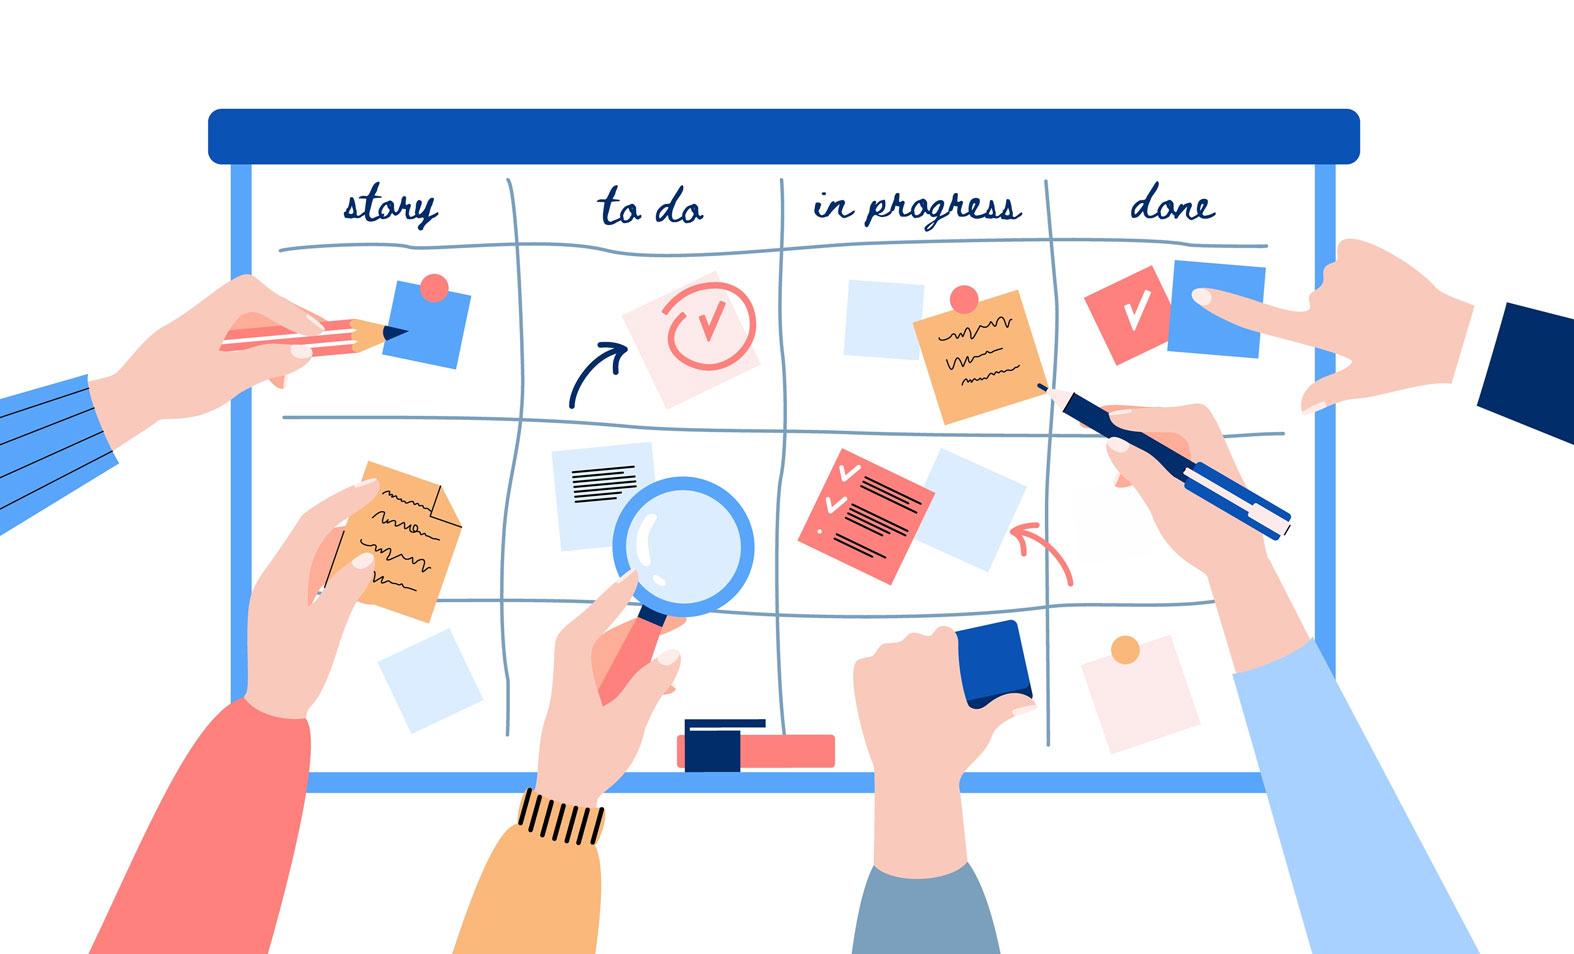 ¿Qué es la metodología Agile y la metodología OKR? ¿Cuál es mejor para tu empresa?